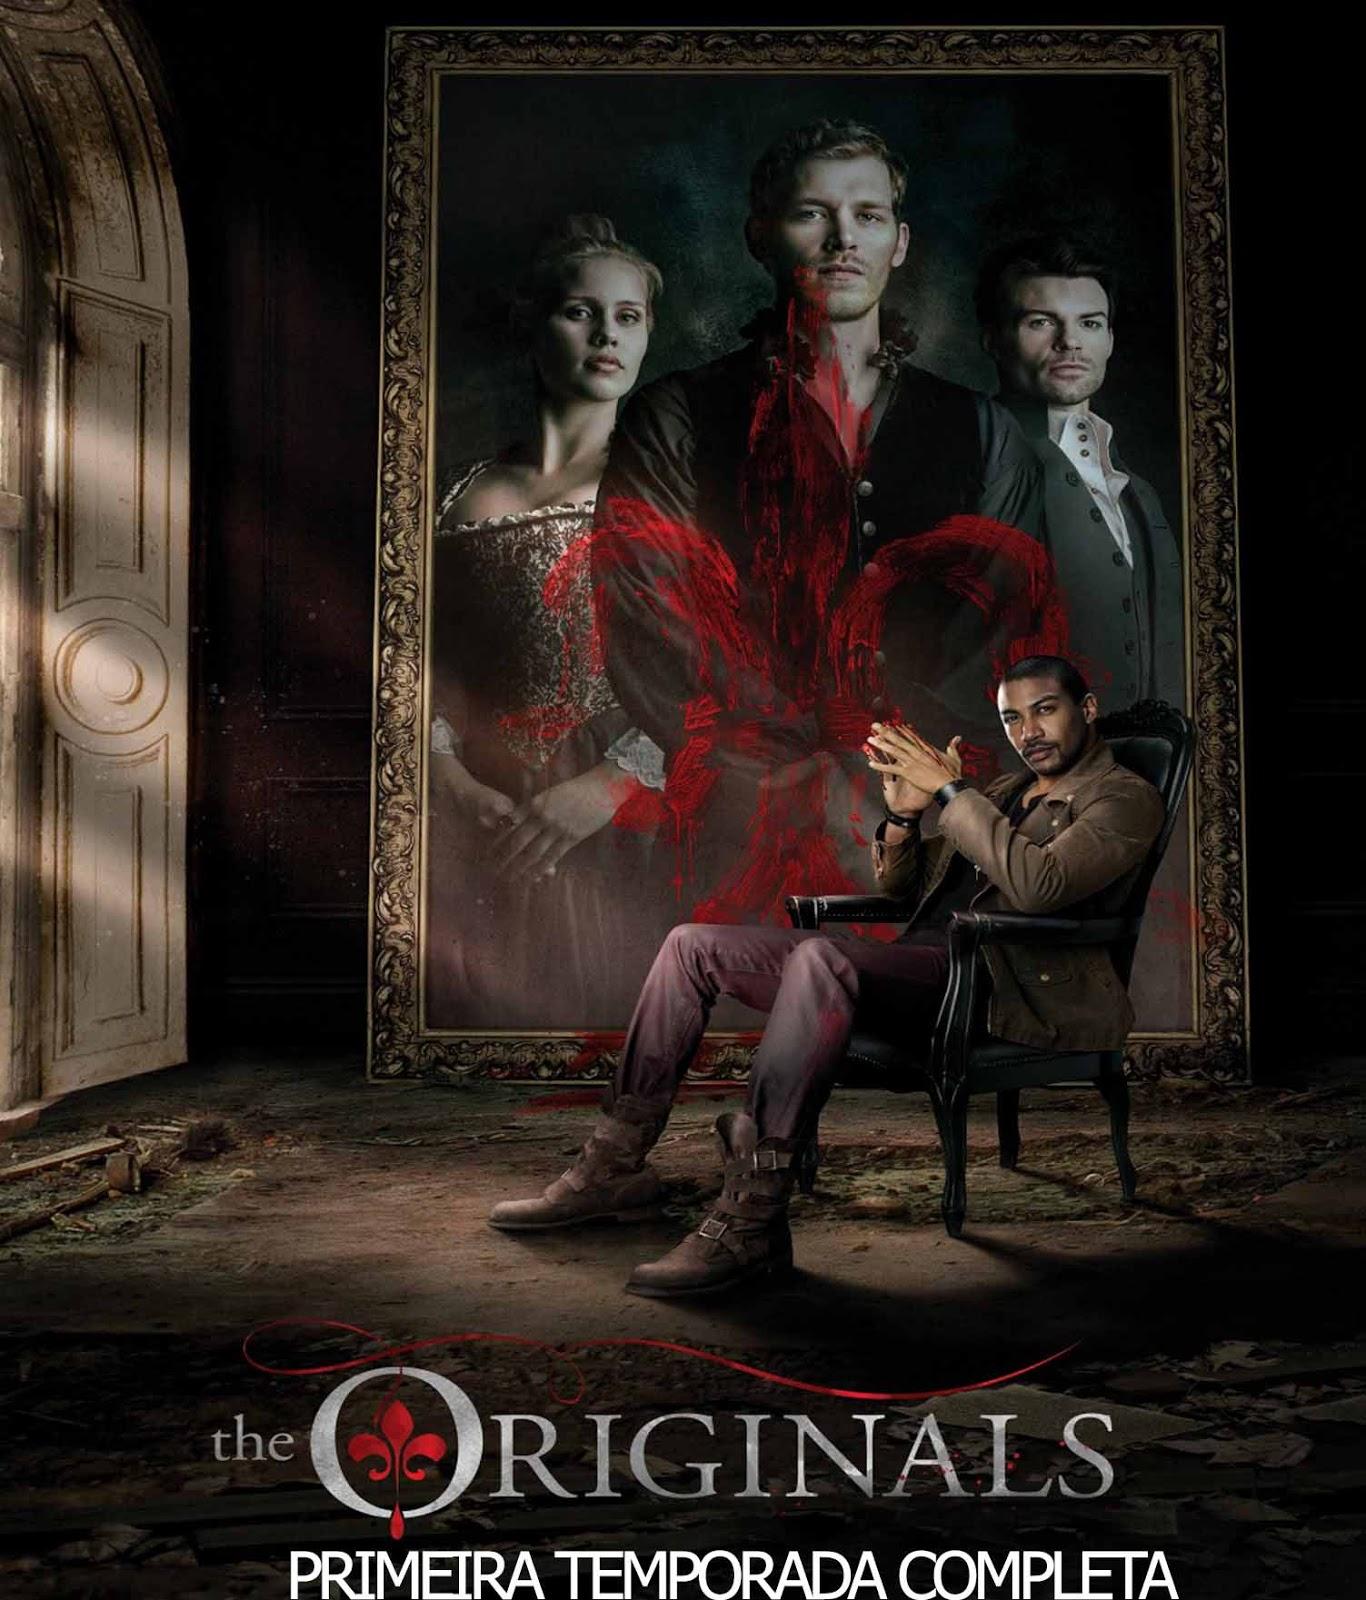 The Originals 1ª Temporada Torrent - Blu-ray Rip 720p Dual Áudio (2014)